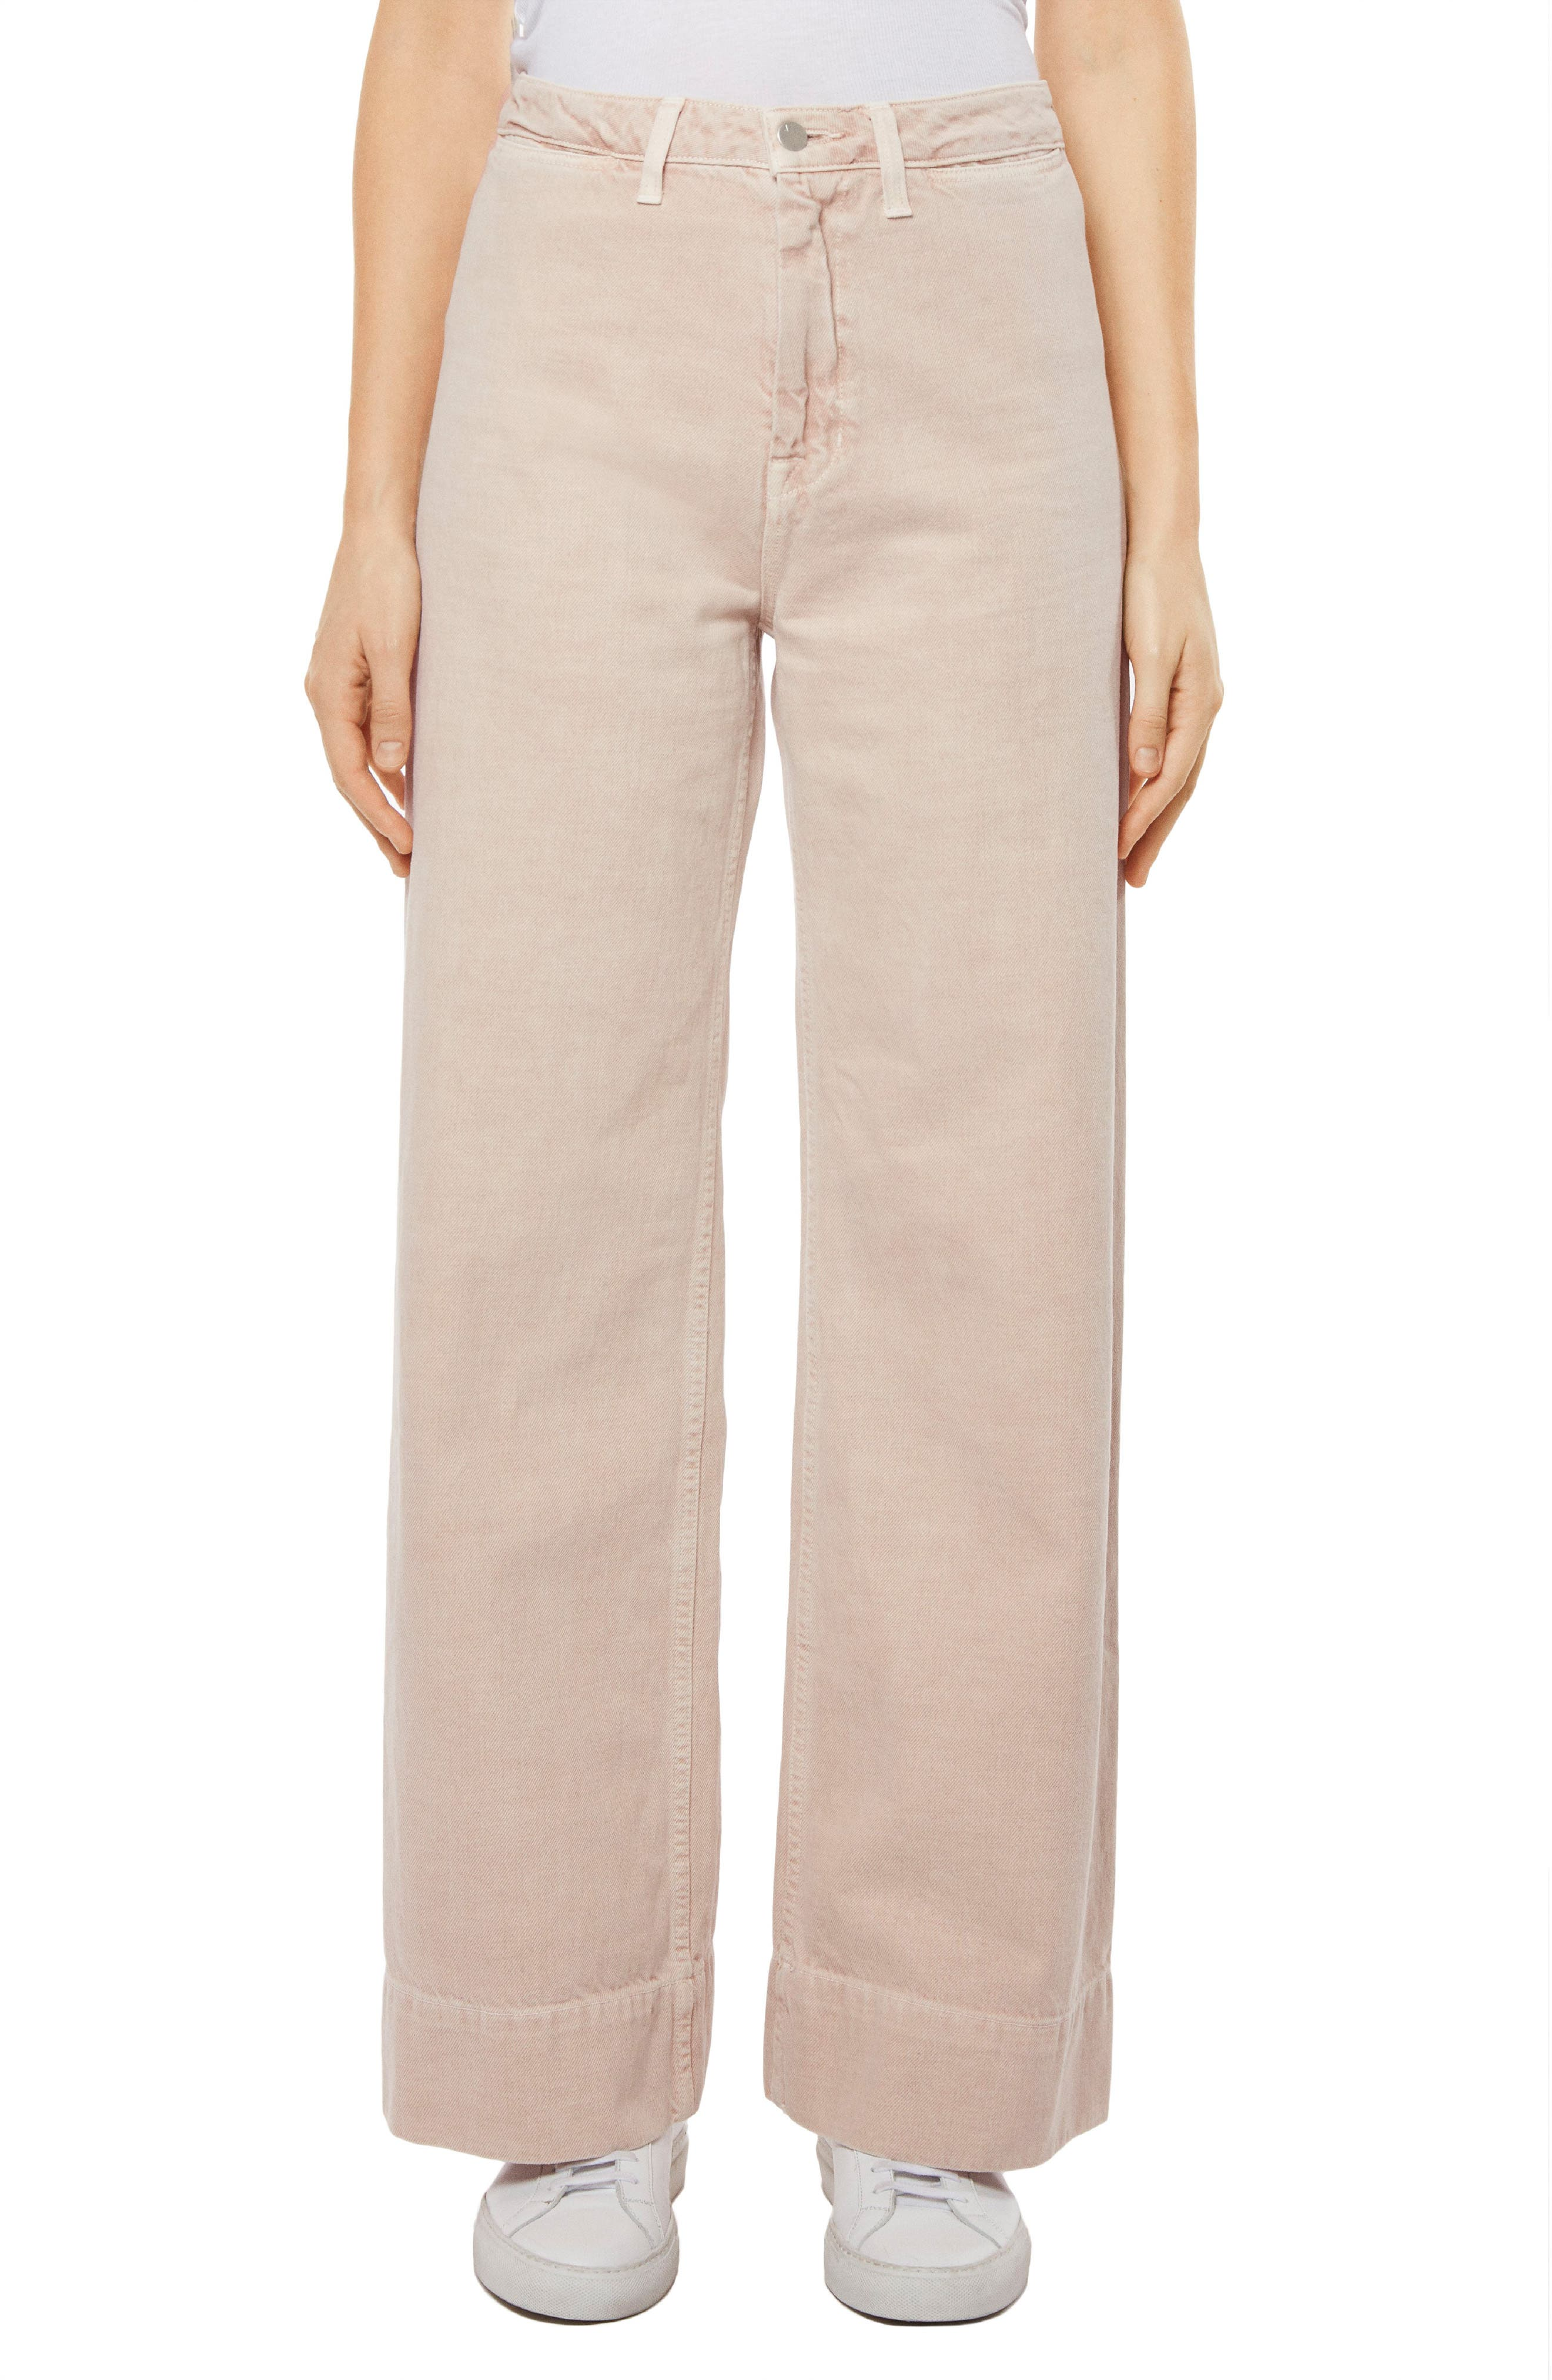 Hallton High Waist Wide Leg Jeans,                         Main,                         color,